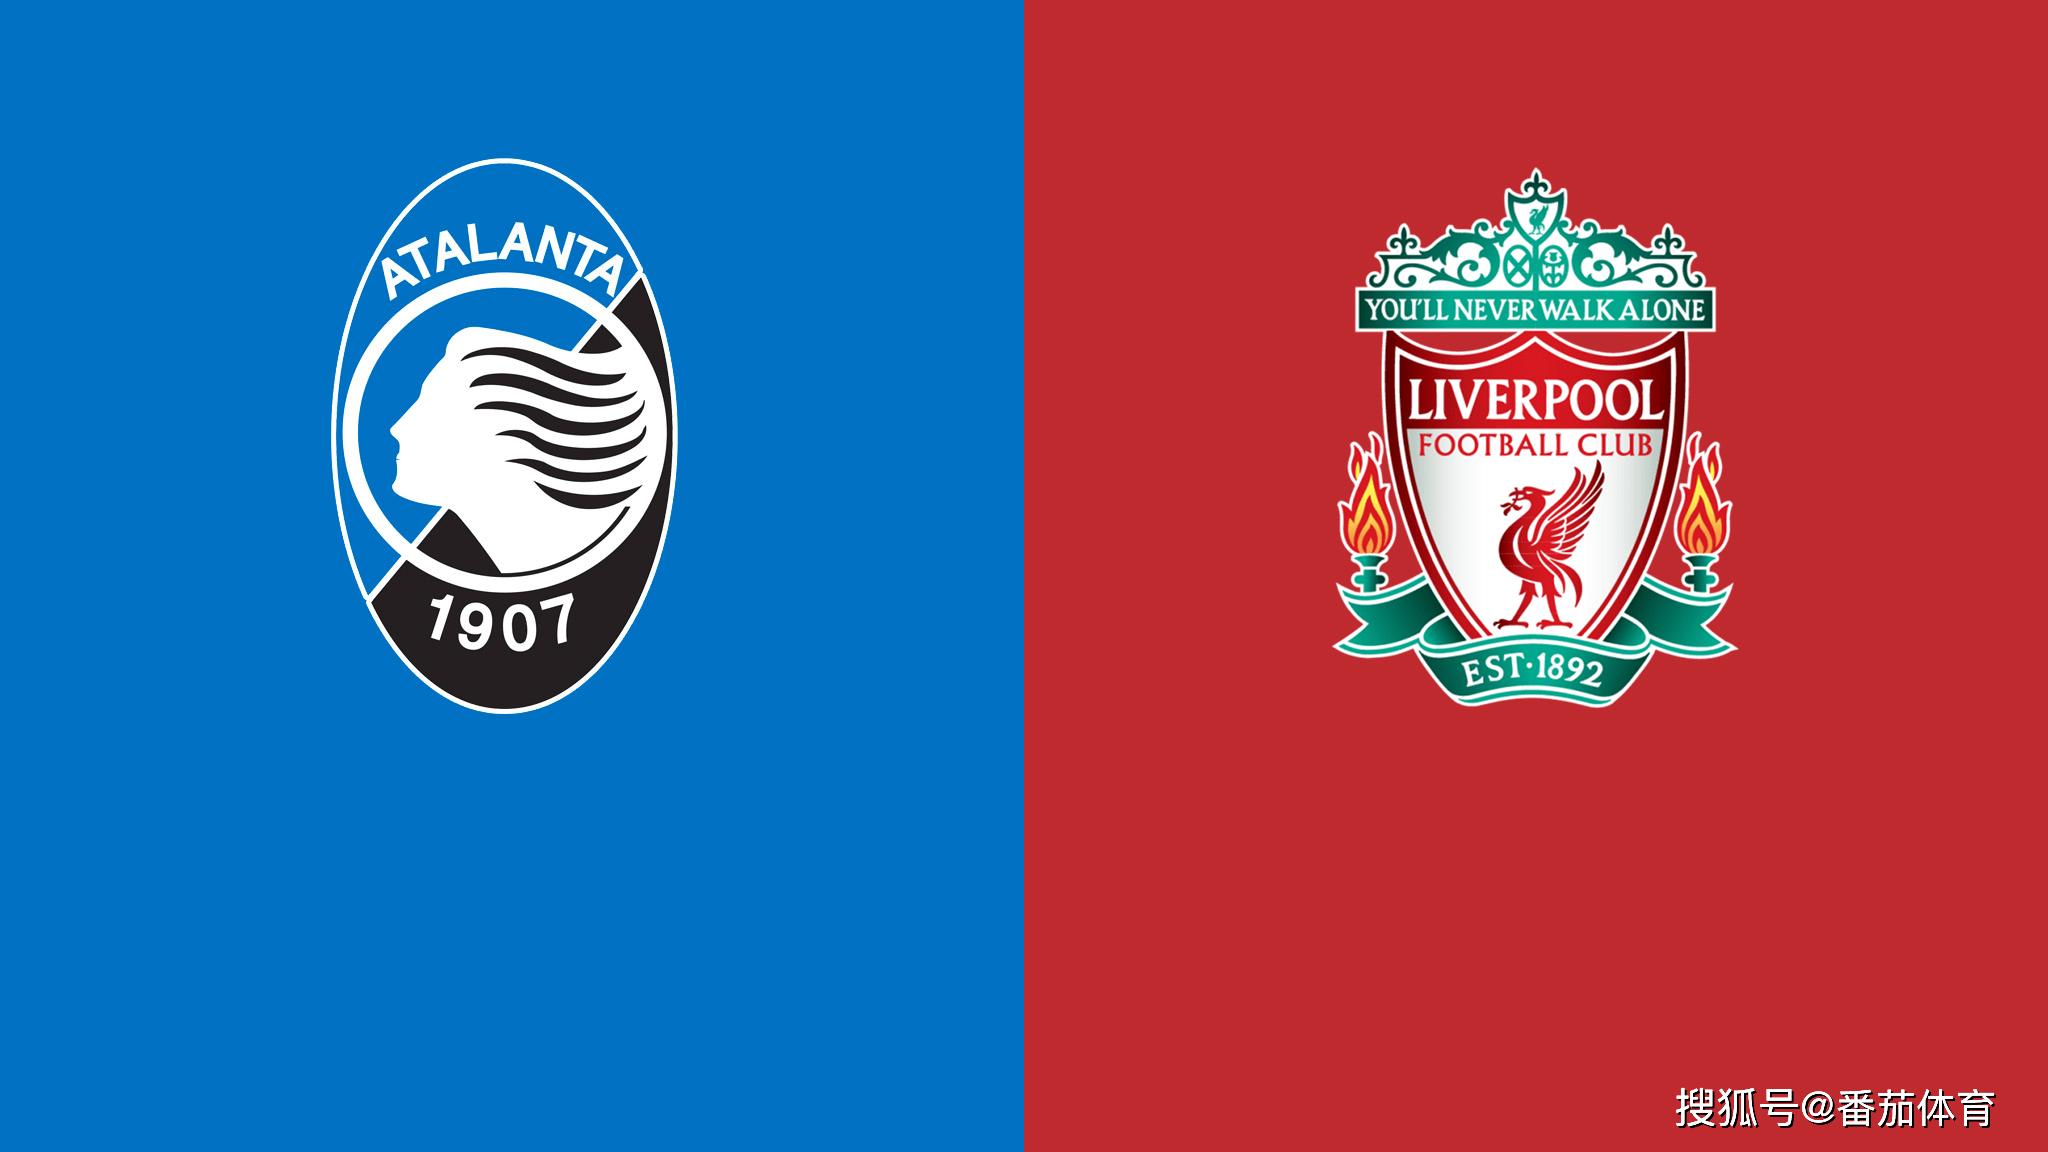 [欧冠杯]核心之战:亚特兰年夜vs利物浦,赤军后防压力年夜